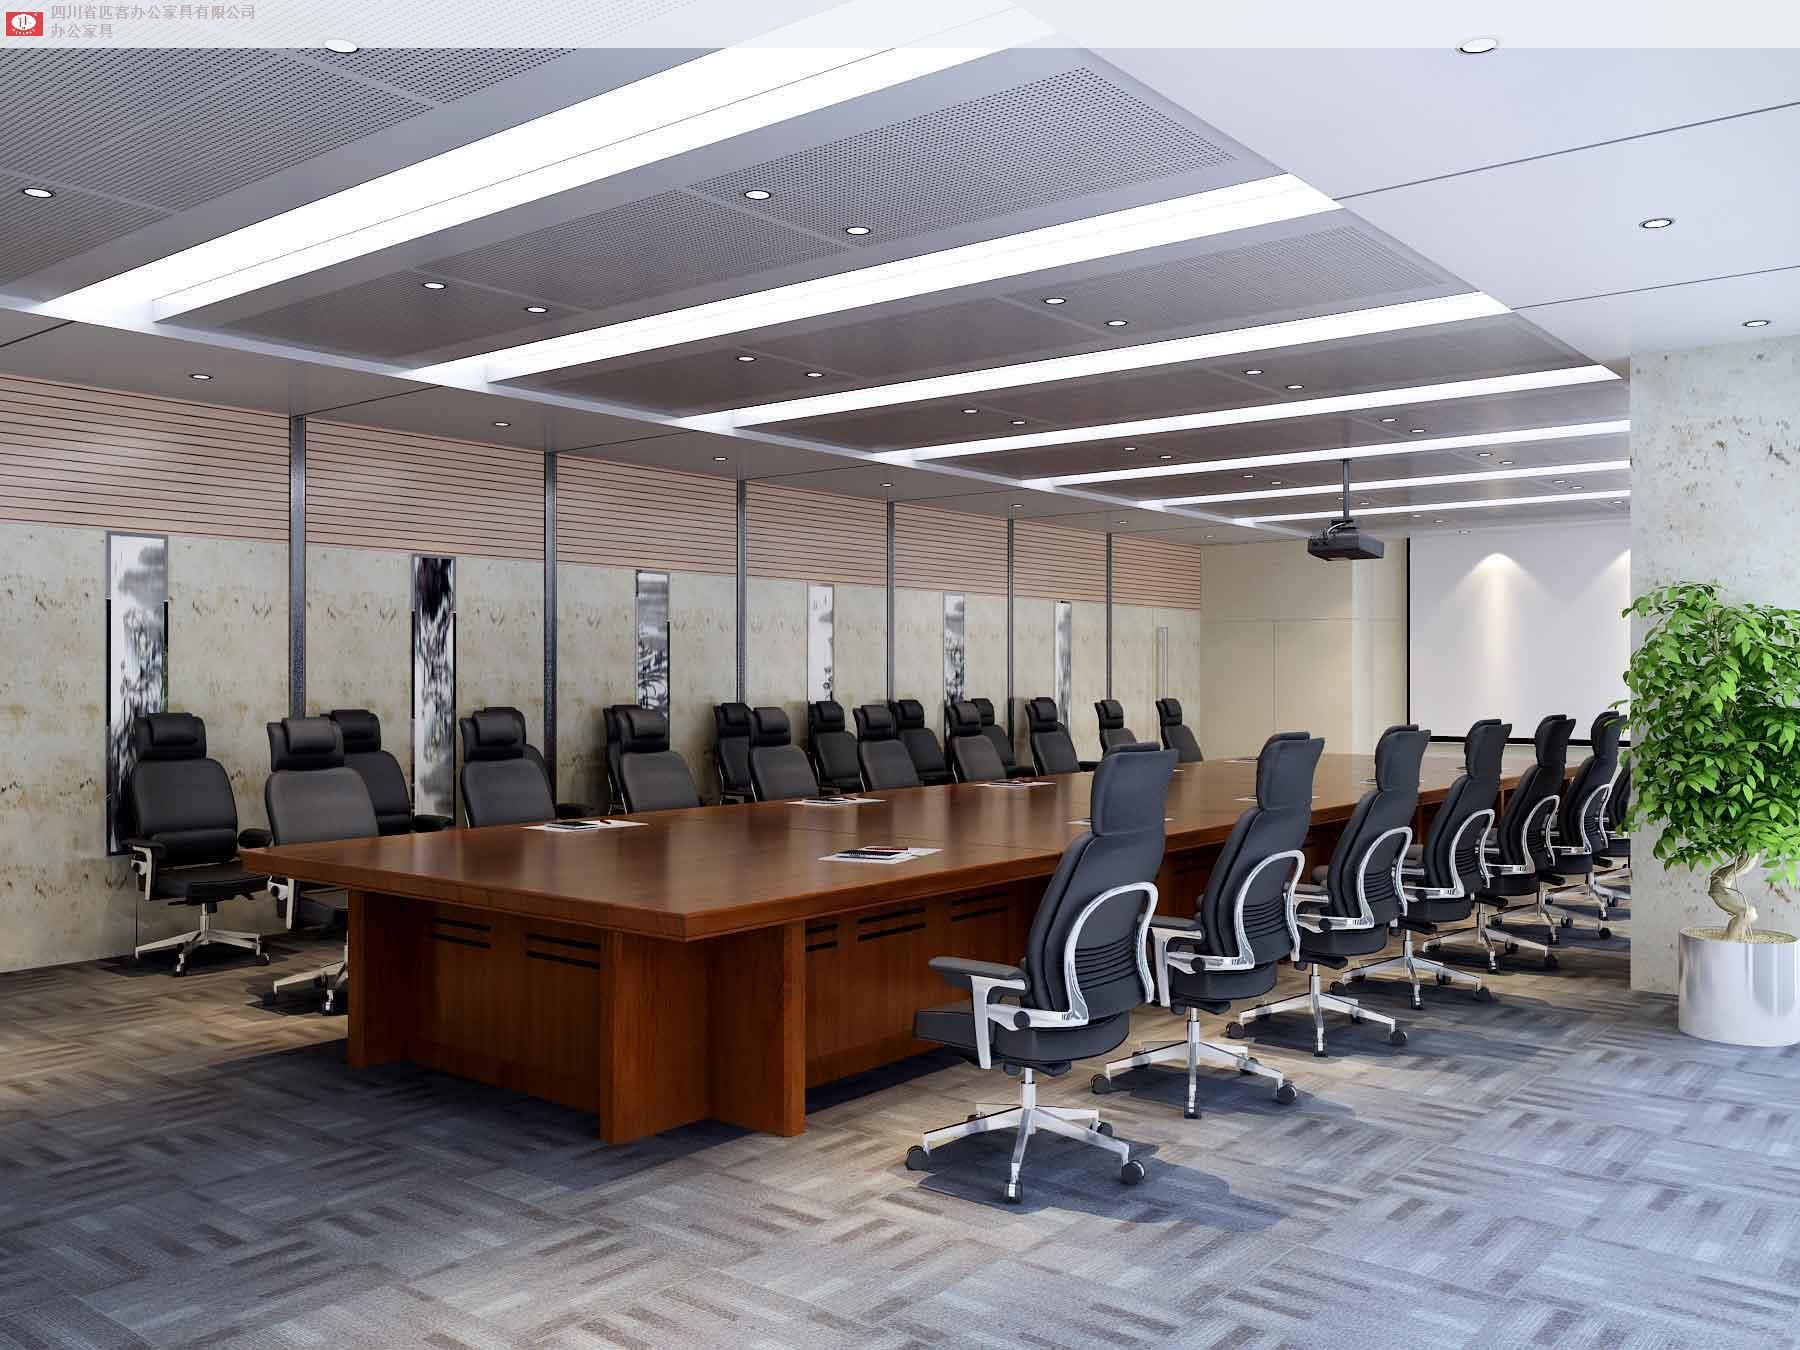 德阳长条会议桌专业定制 欢迎来电「四川省匹客办公家具供应」